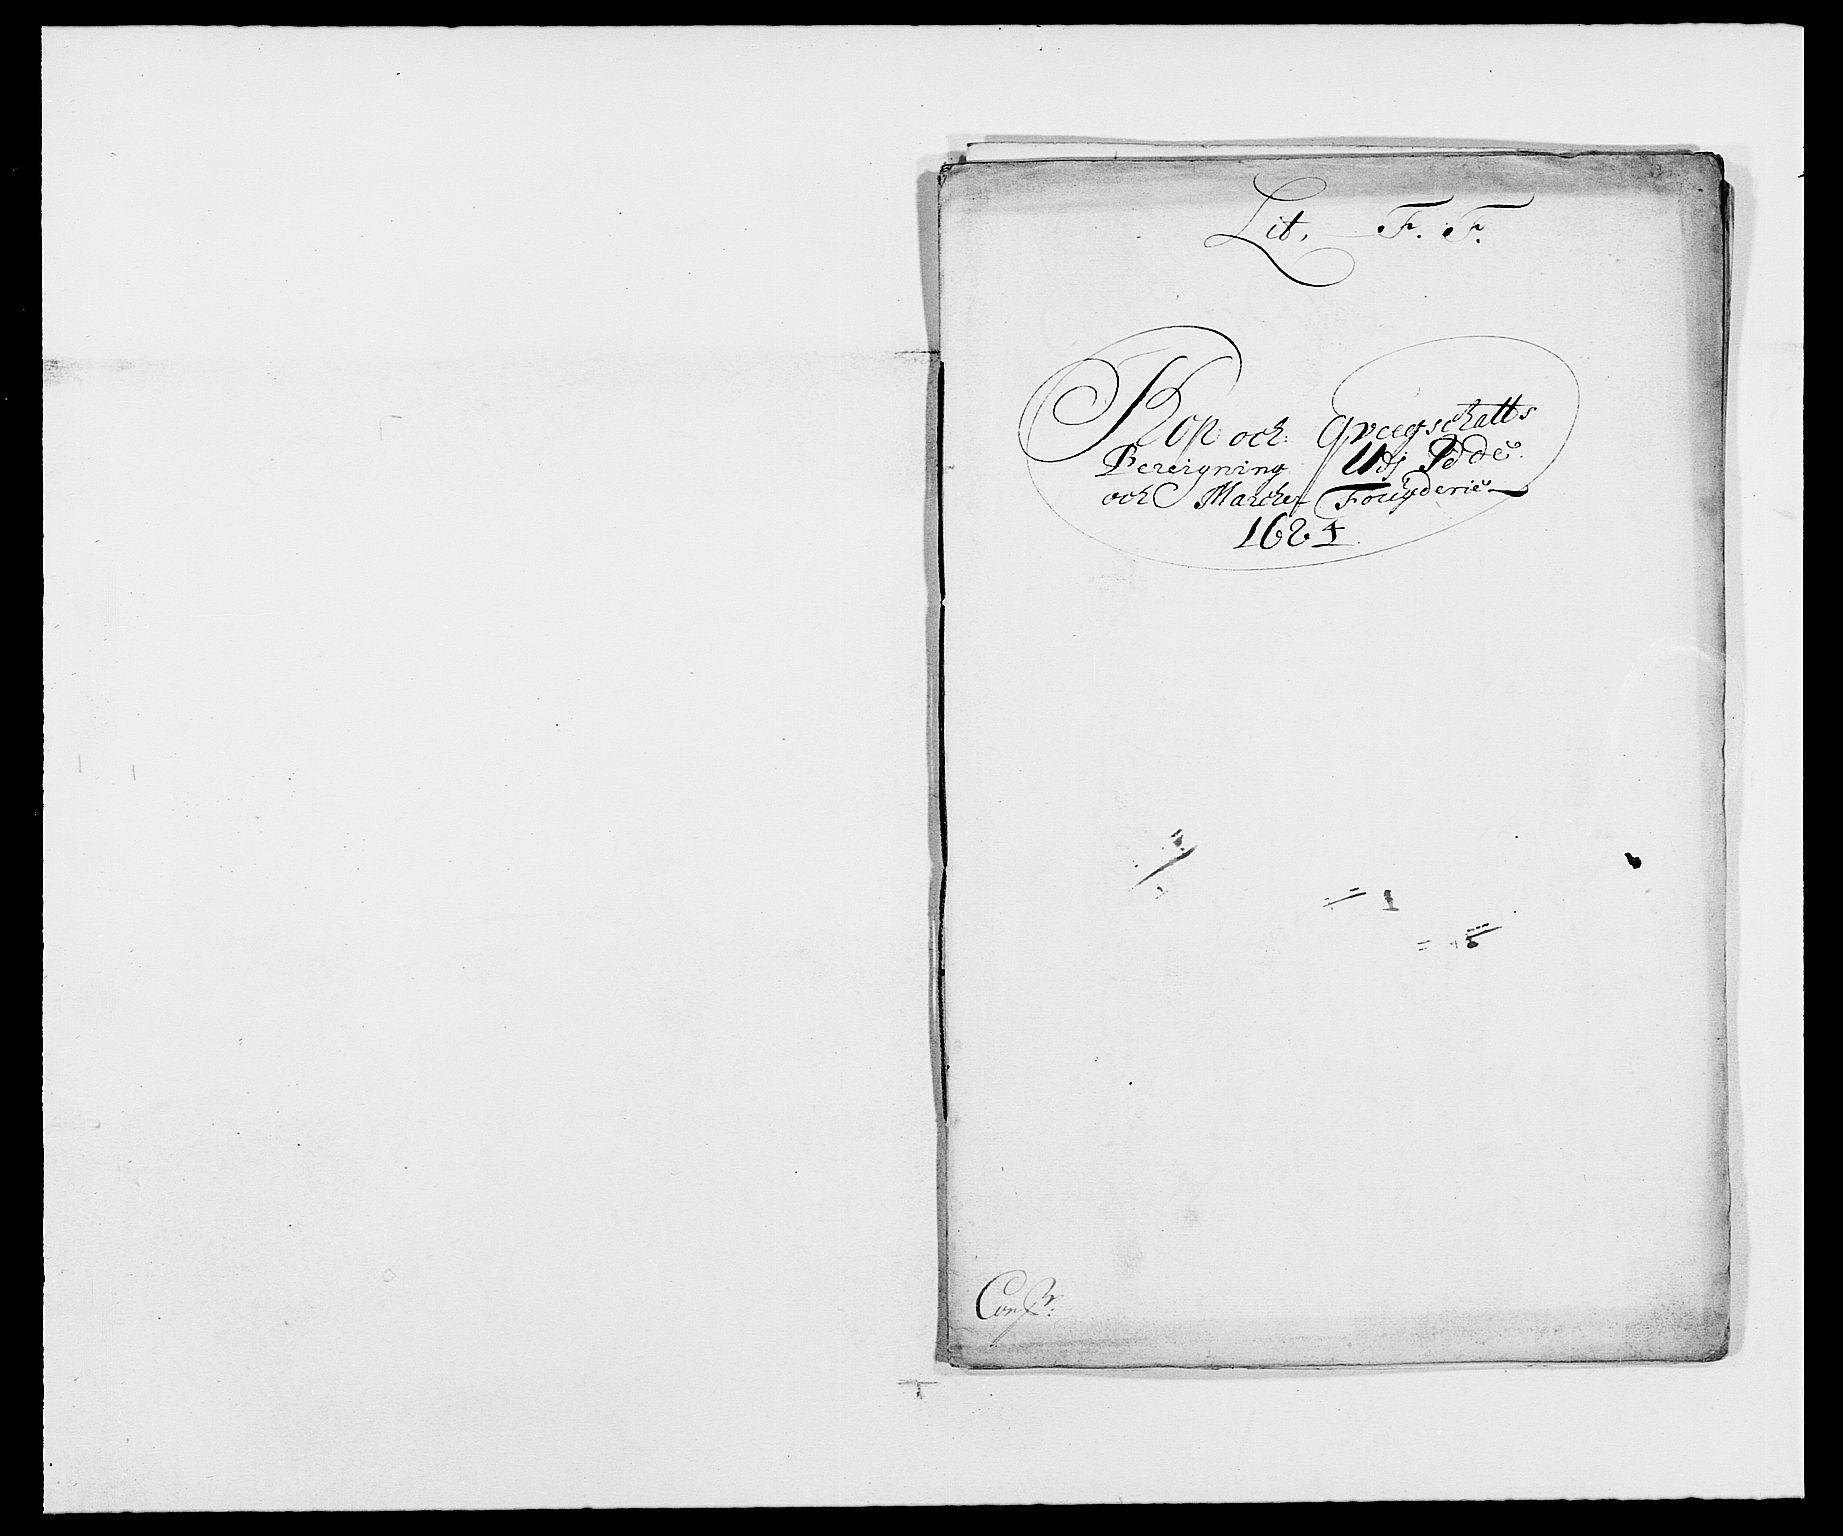 RA, Rentekammeret inntil 1814, Reviderte regnskaper, Fogderegnskap, R01/L0005: Fogderegnskap Idd og Marker , 1682-1684, s. 195